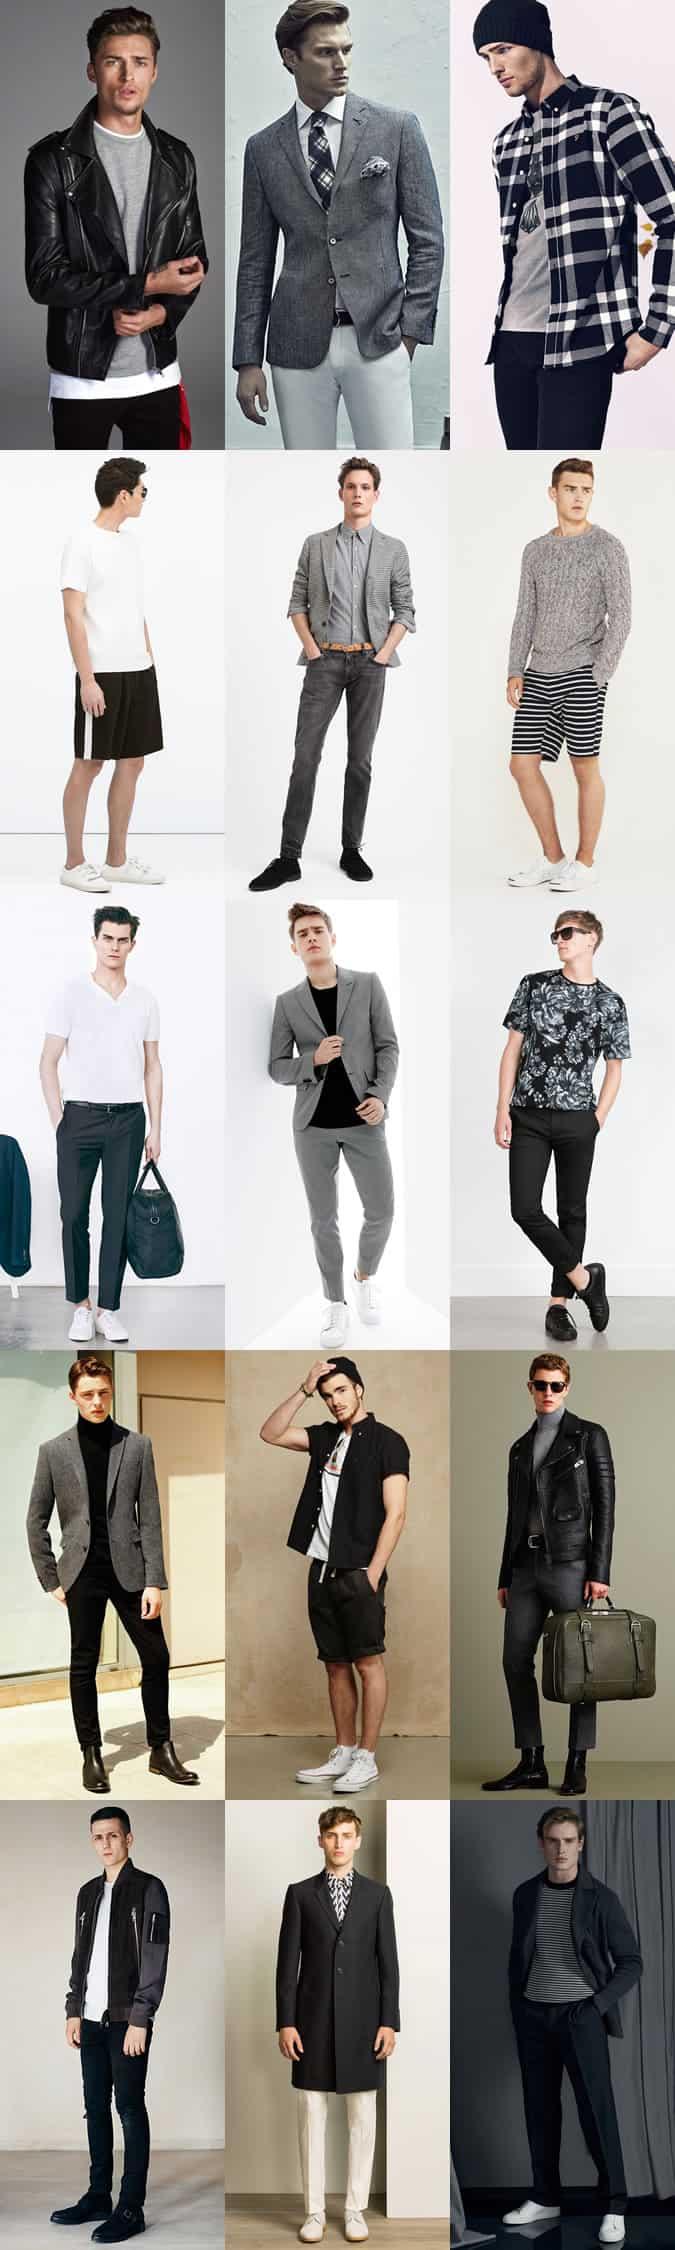 Lookbook d'inspiration de tenue pour hommes en noir, blanc et gris (palettes monochromes / niveaux de gris)